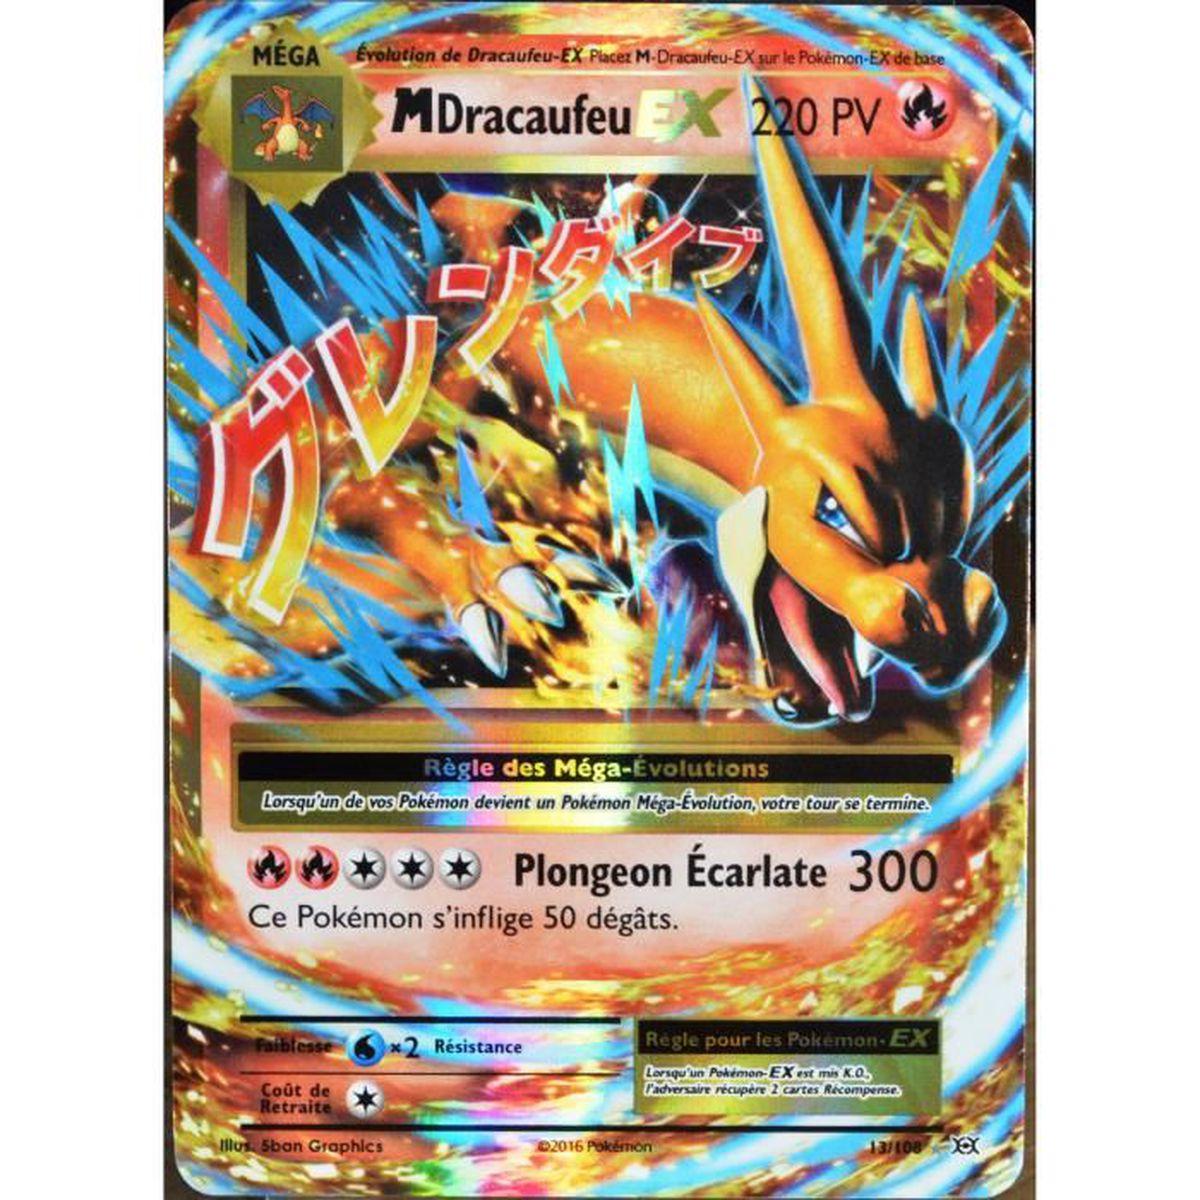 Carte Pokémon 13 108 Méga Dracaufeu Ex 220 Pv Xy